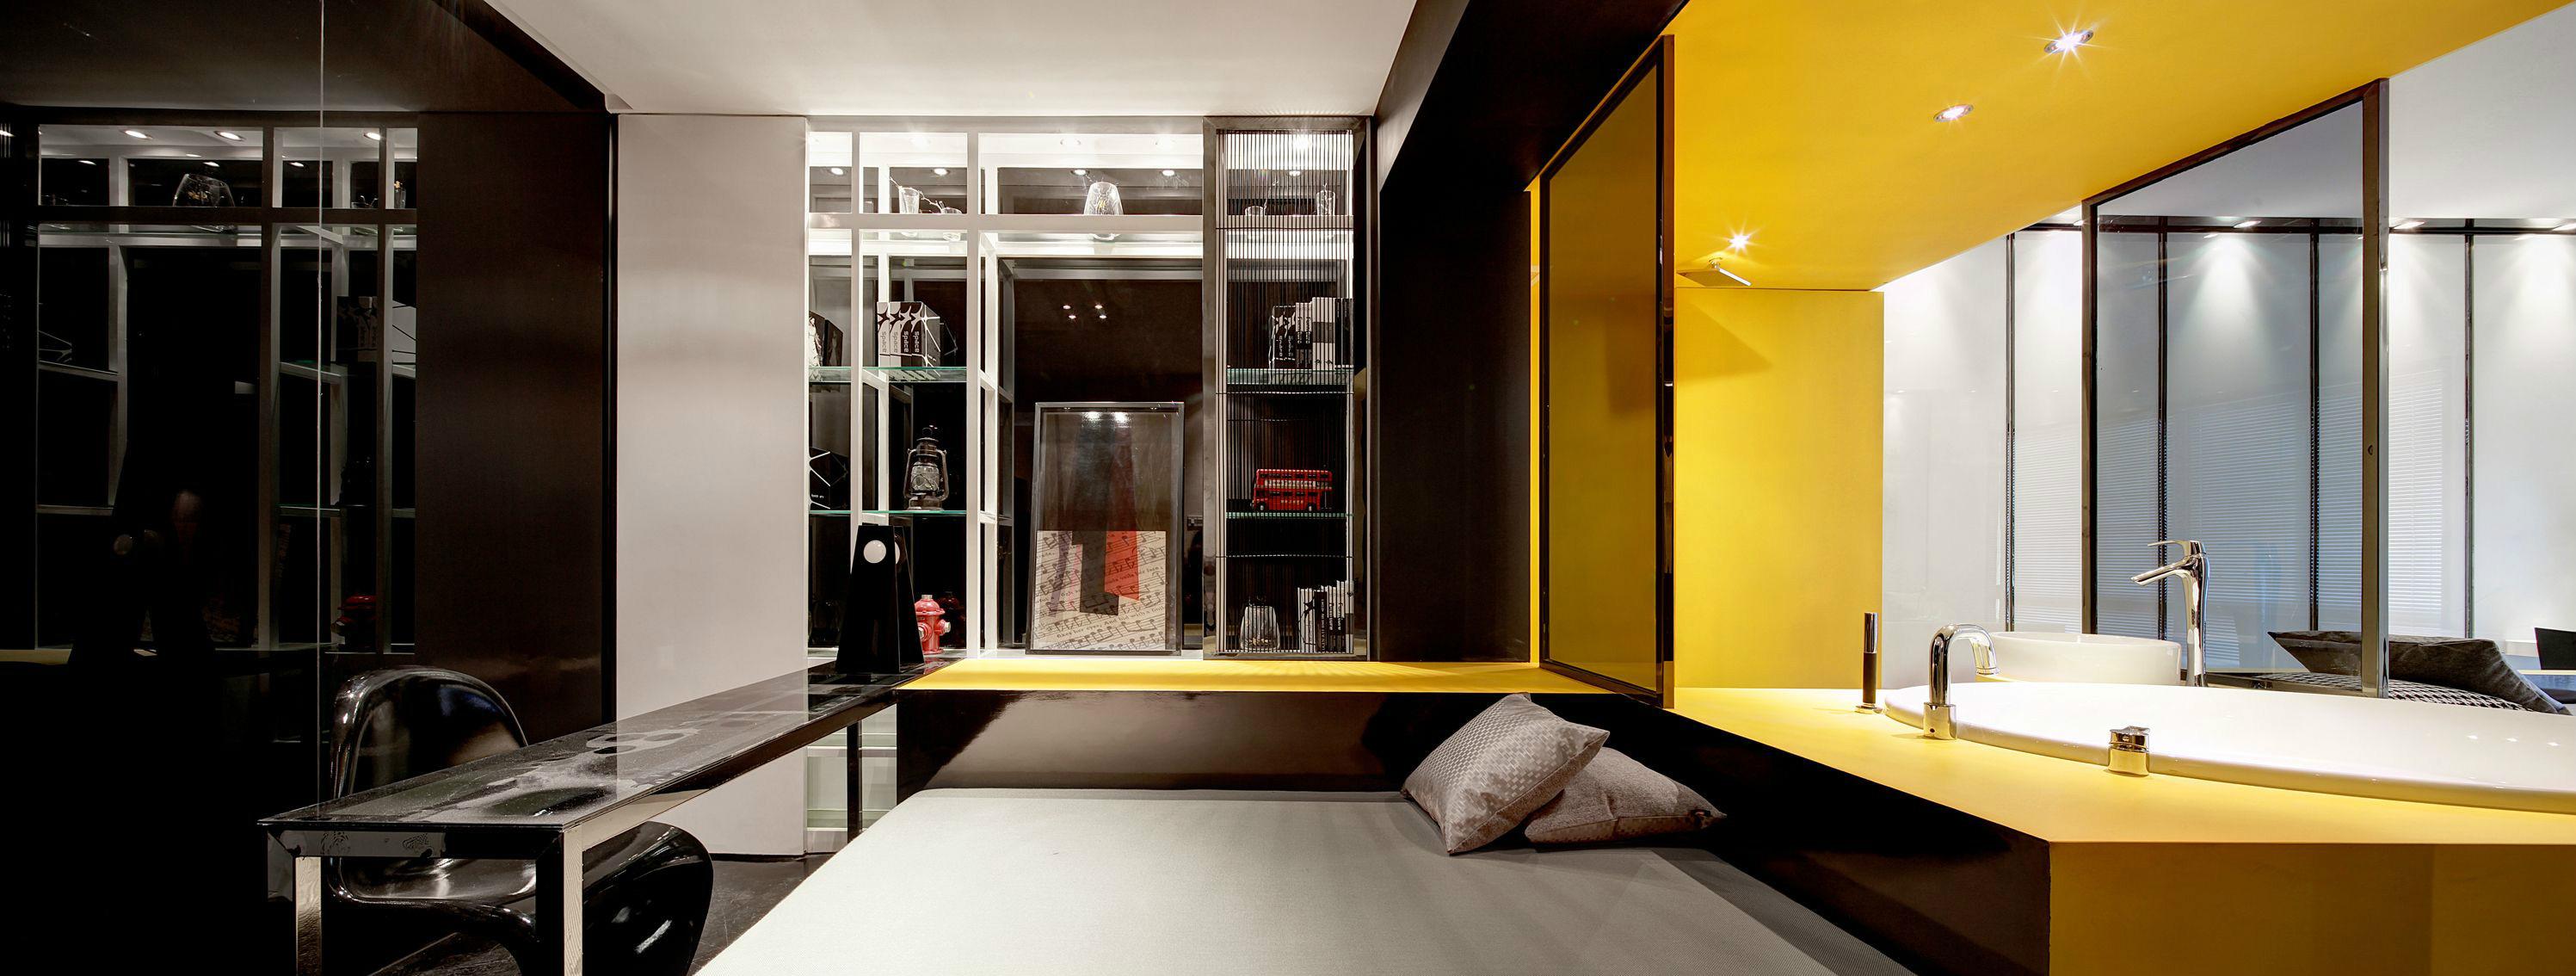 单身公寓143.jpg